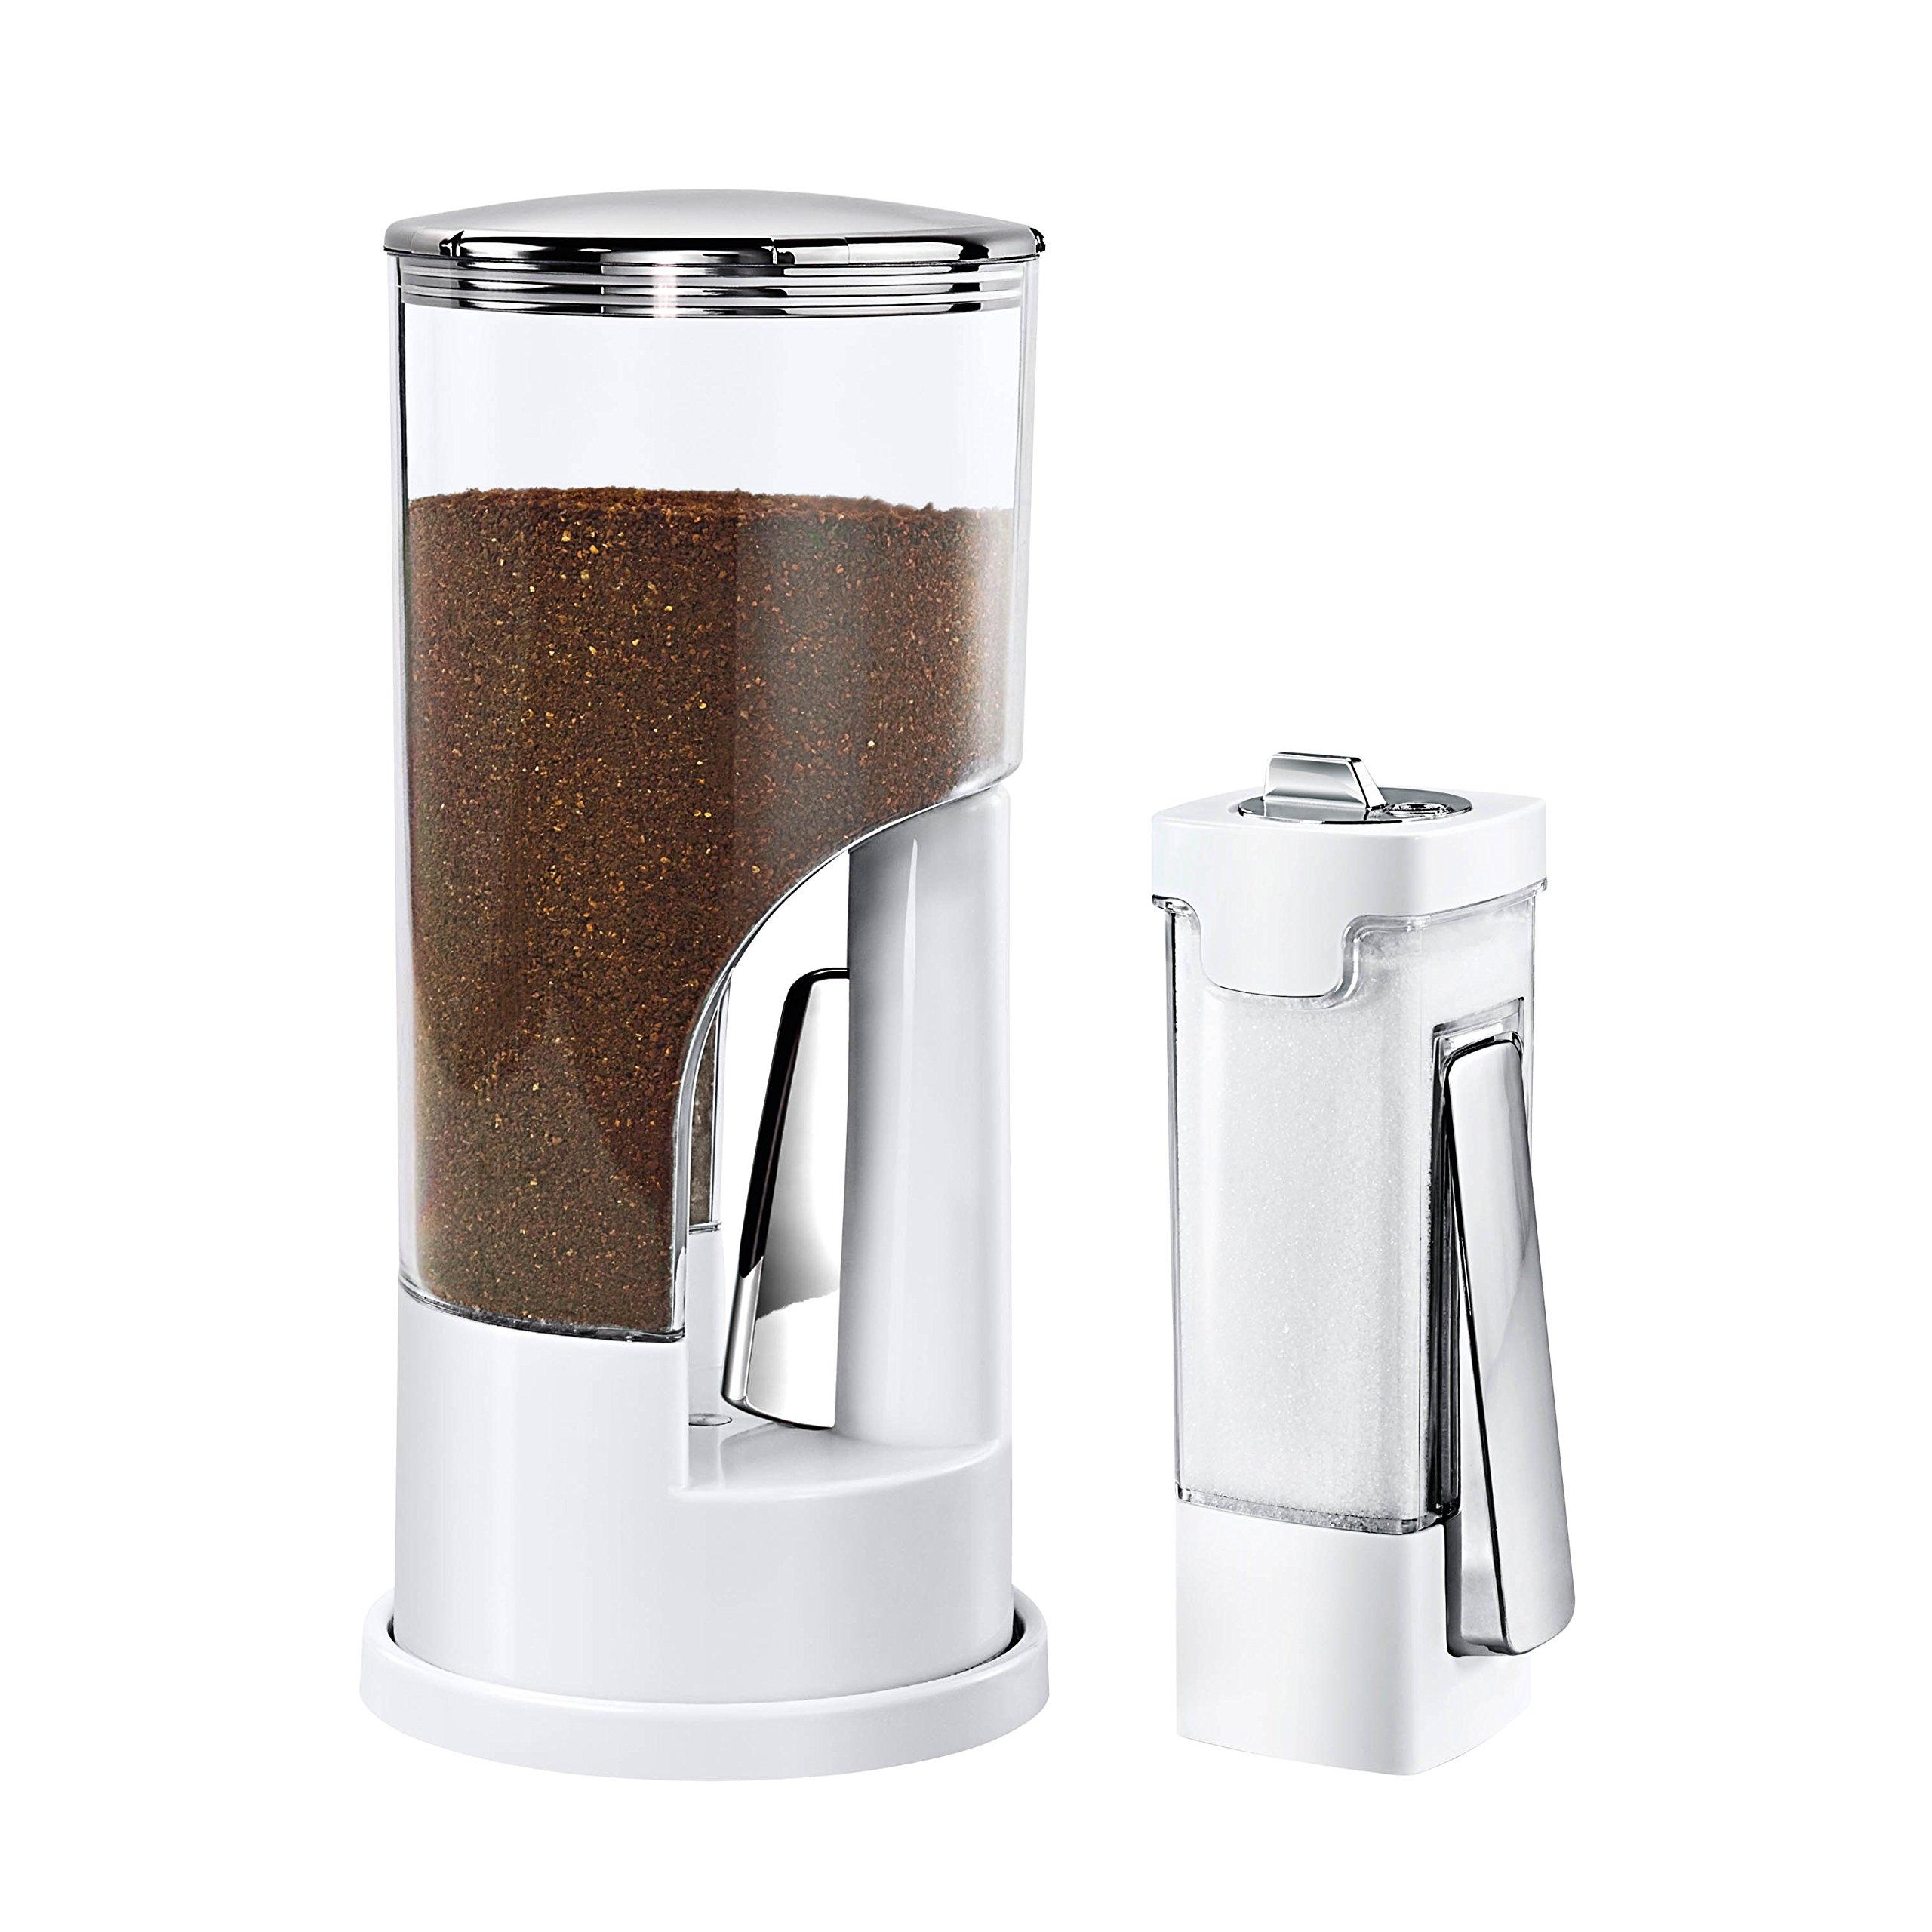 Honey-Can-Do KCHX06081 Coffee Dispenser & Sugar Dispenser Set